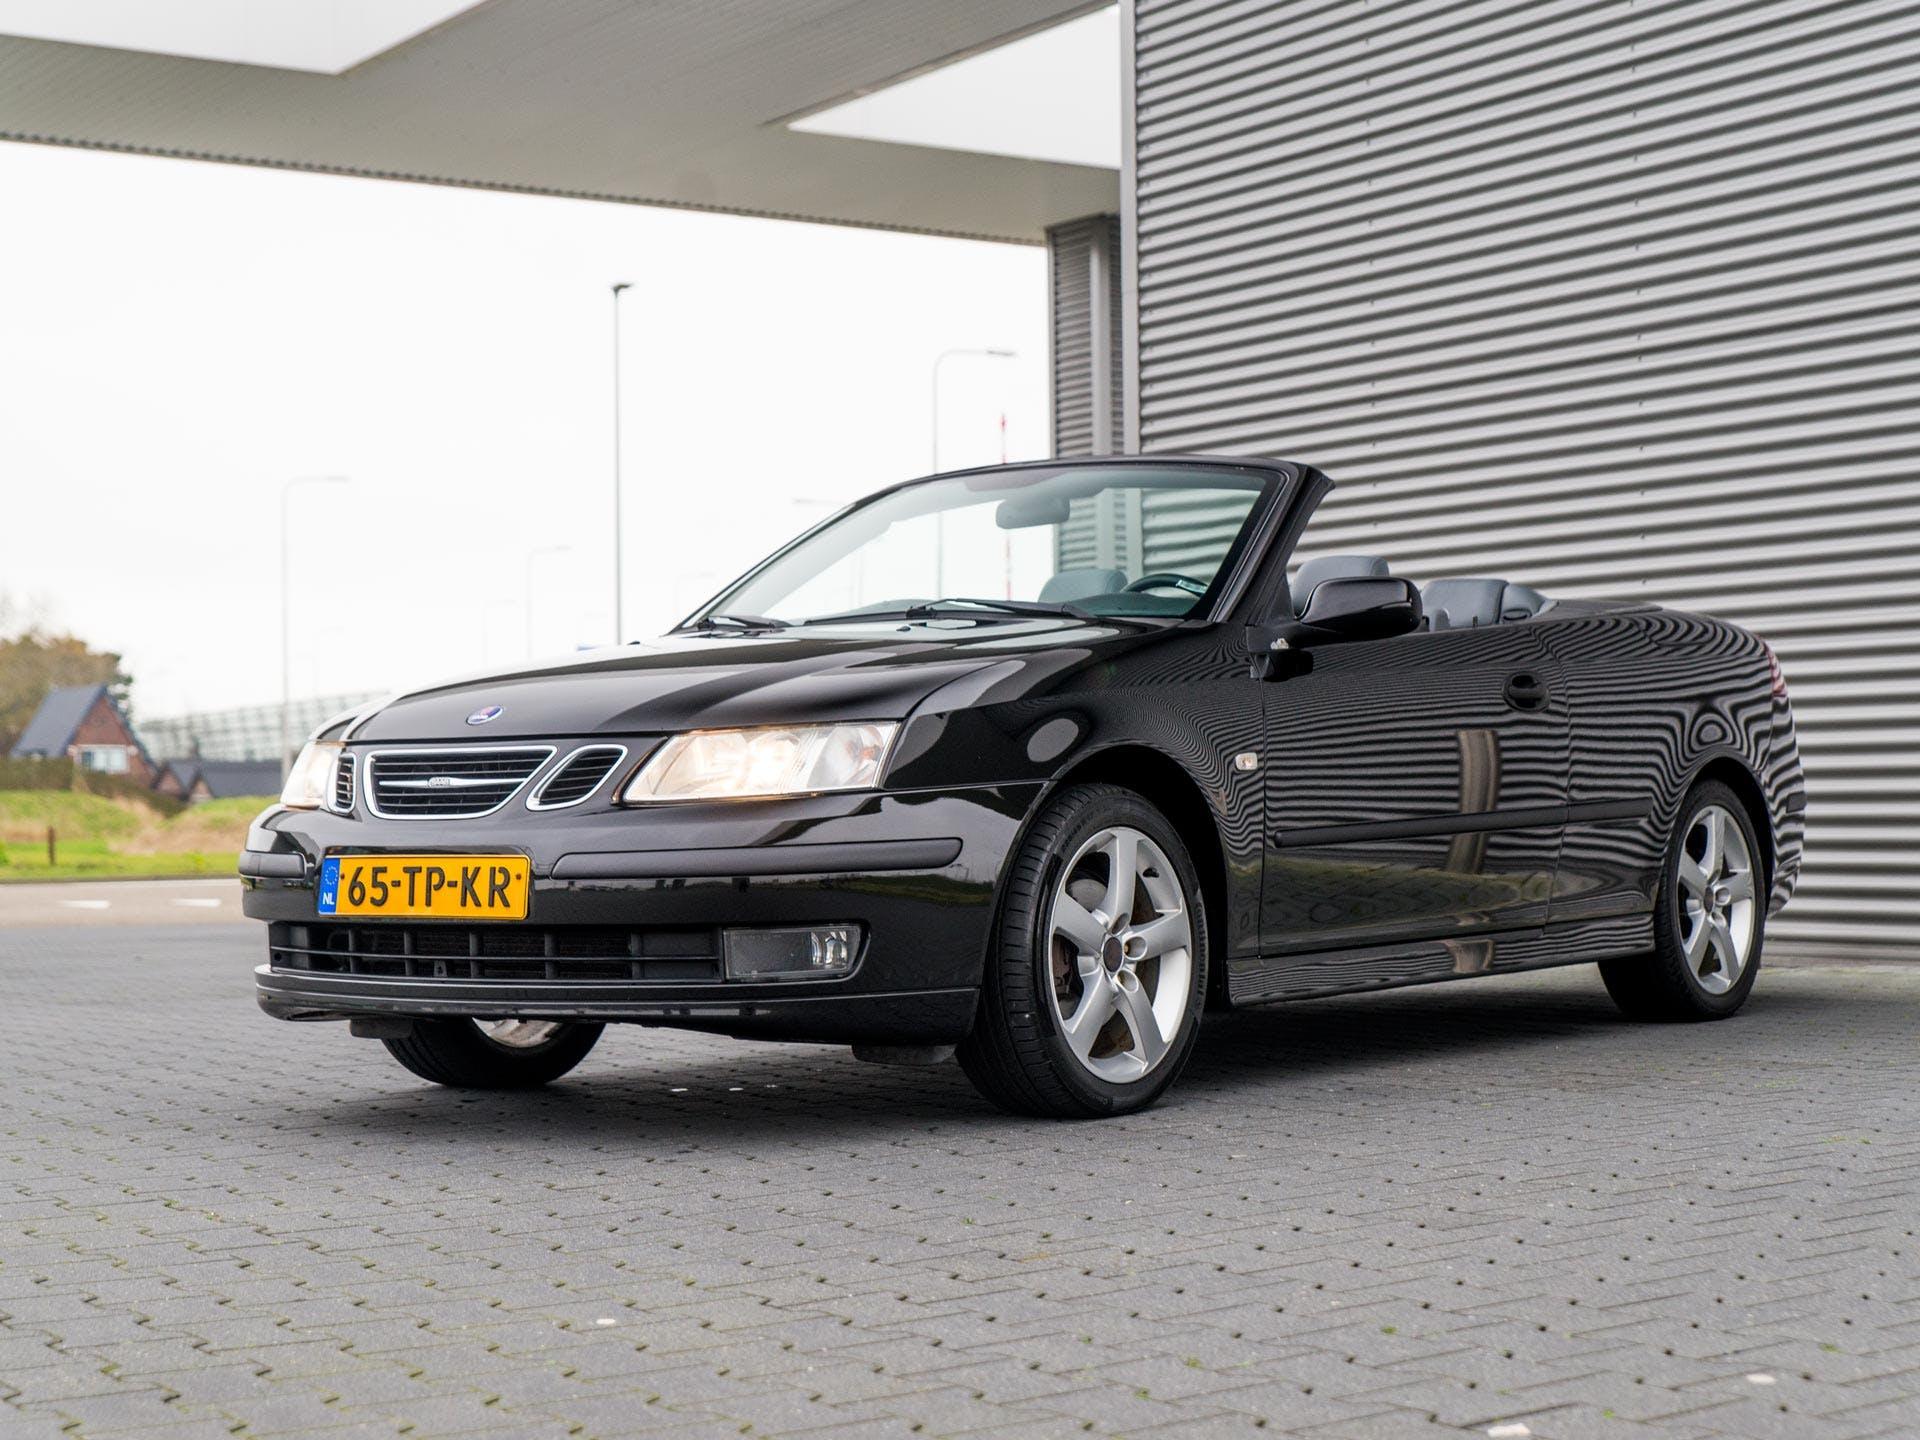 Tweedehands Saab 9-3 Cabrio occasion